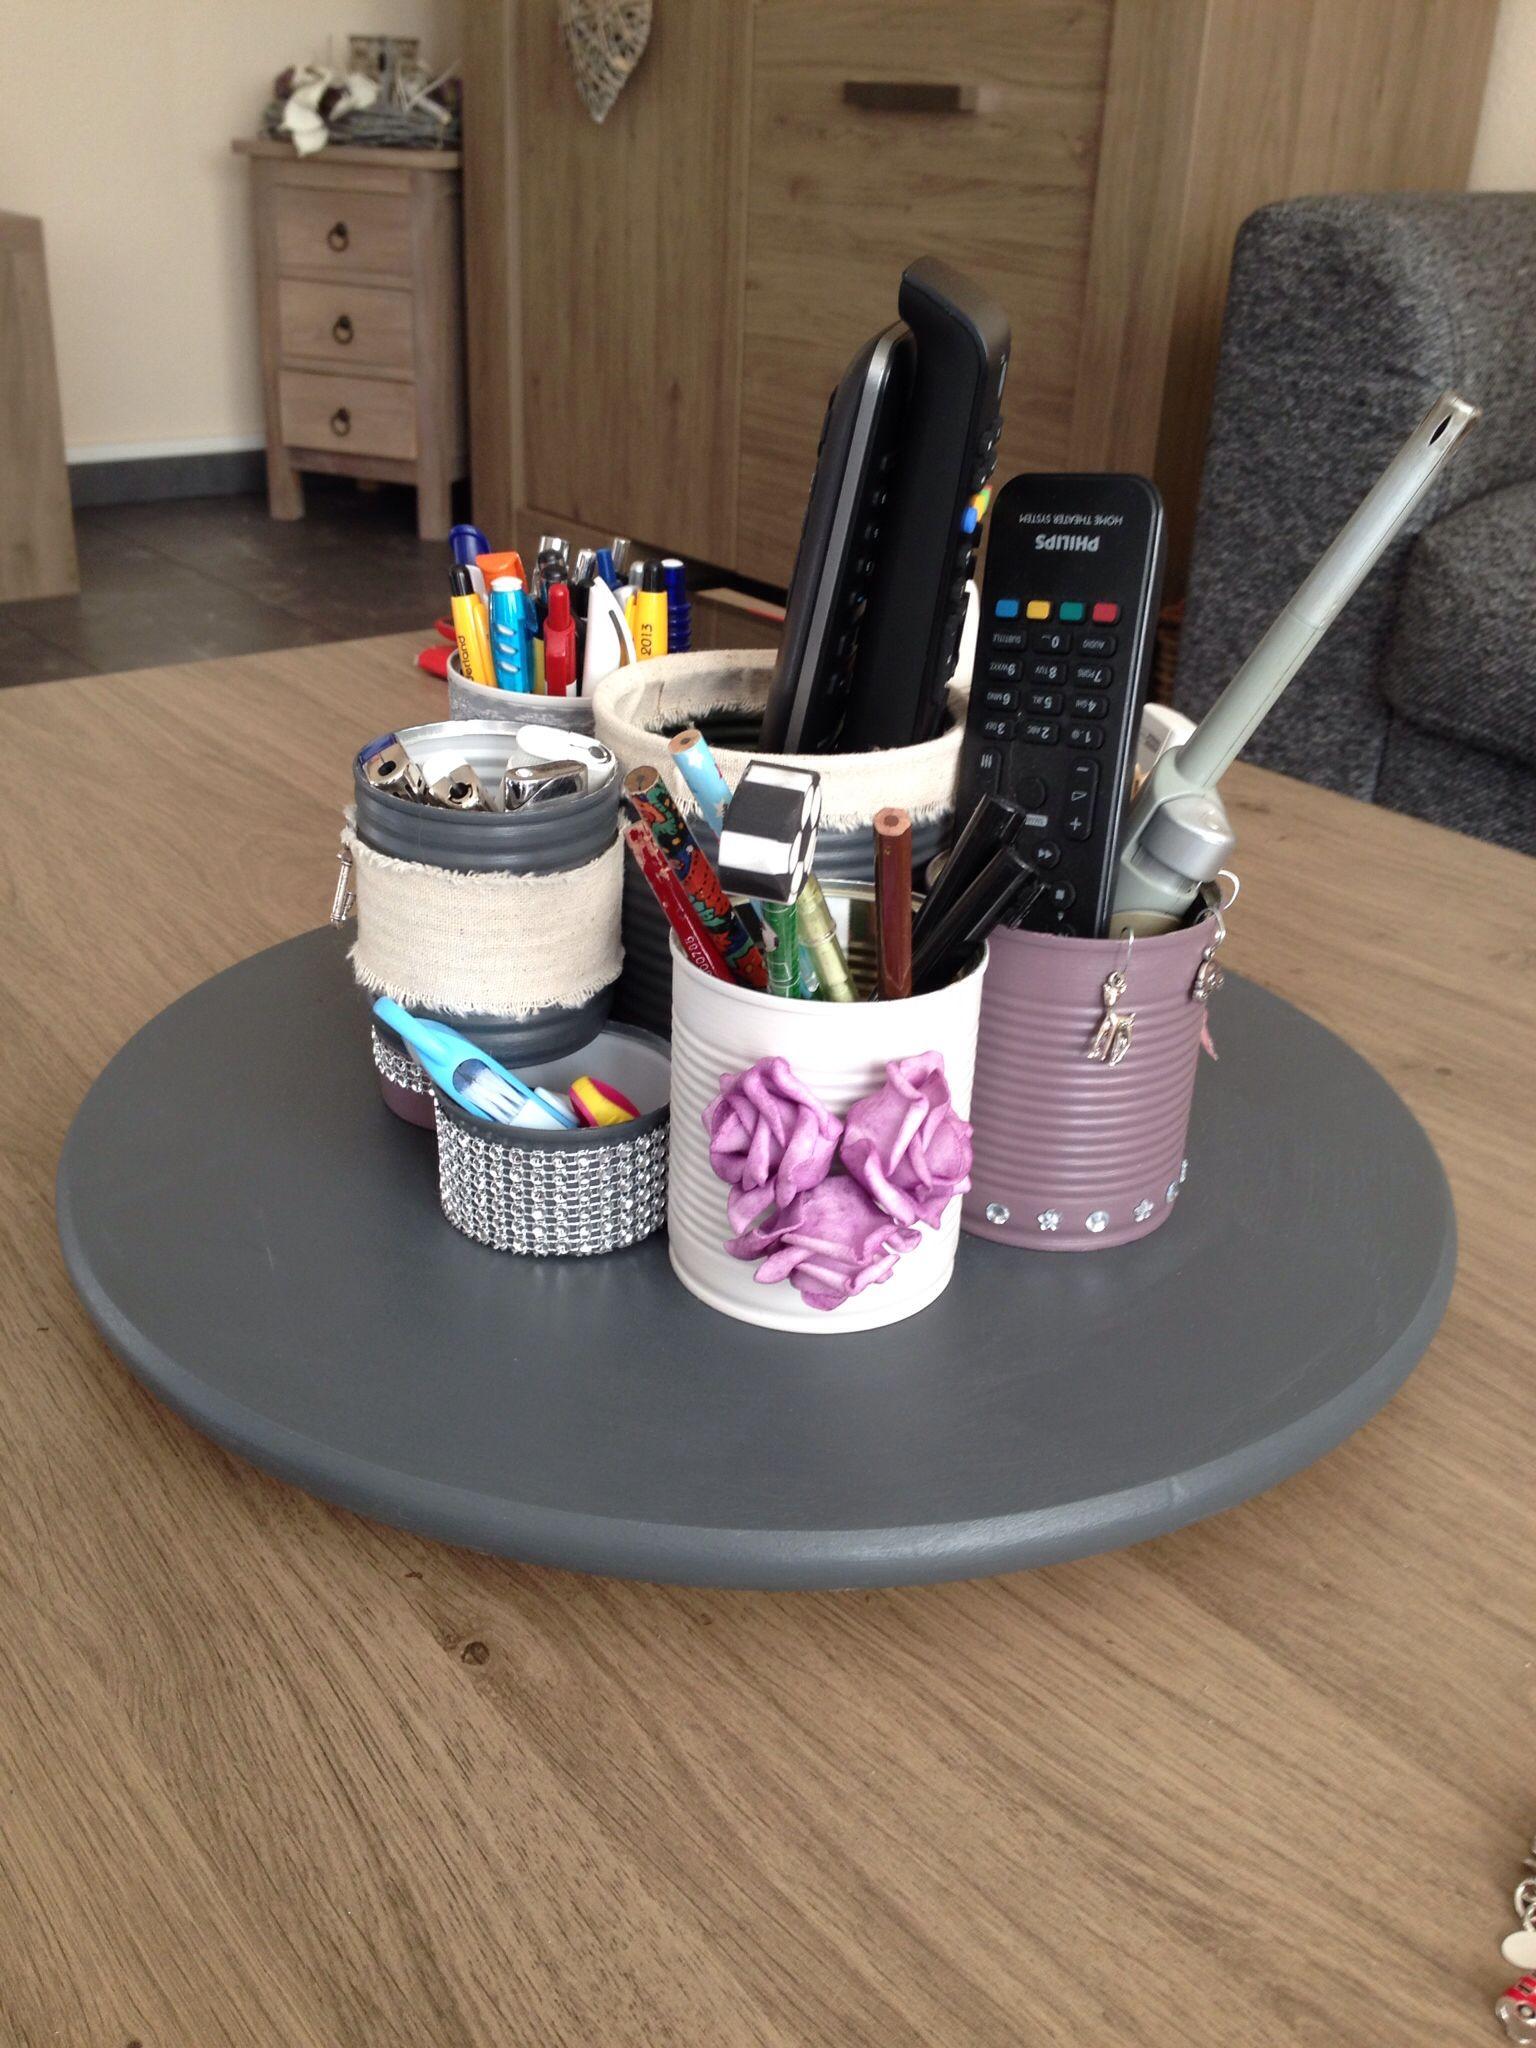 Draai Plateau Van Ikea Wordt Tafelorganizer Ikea Voor Het Huis Opruimen